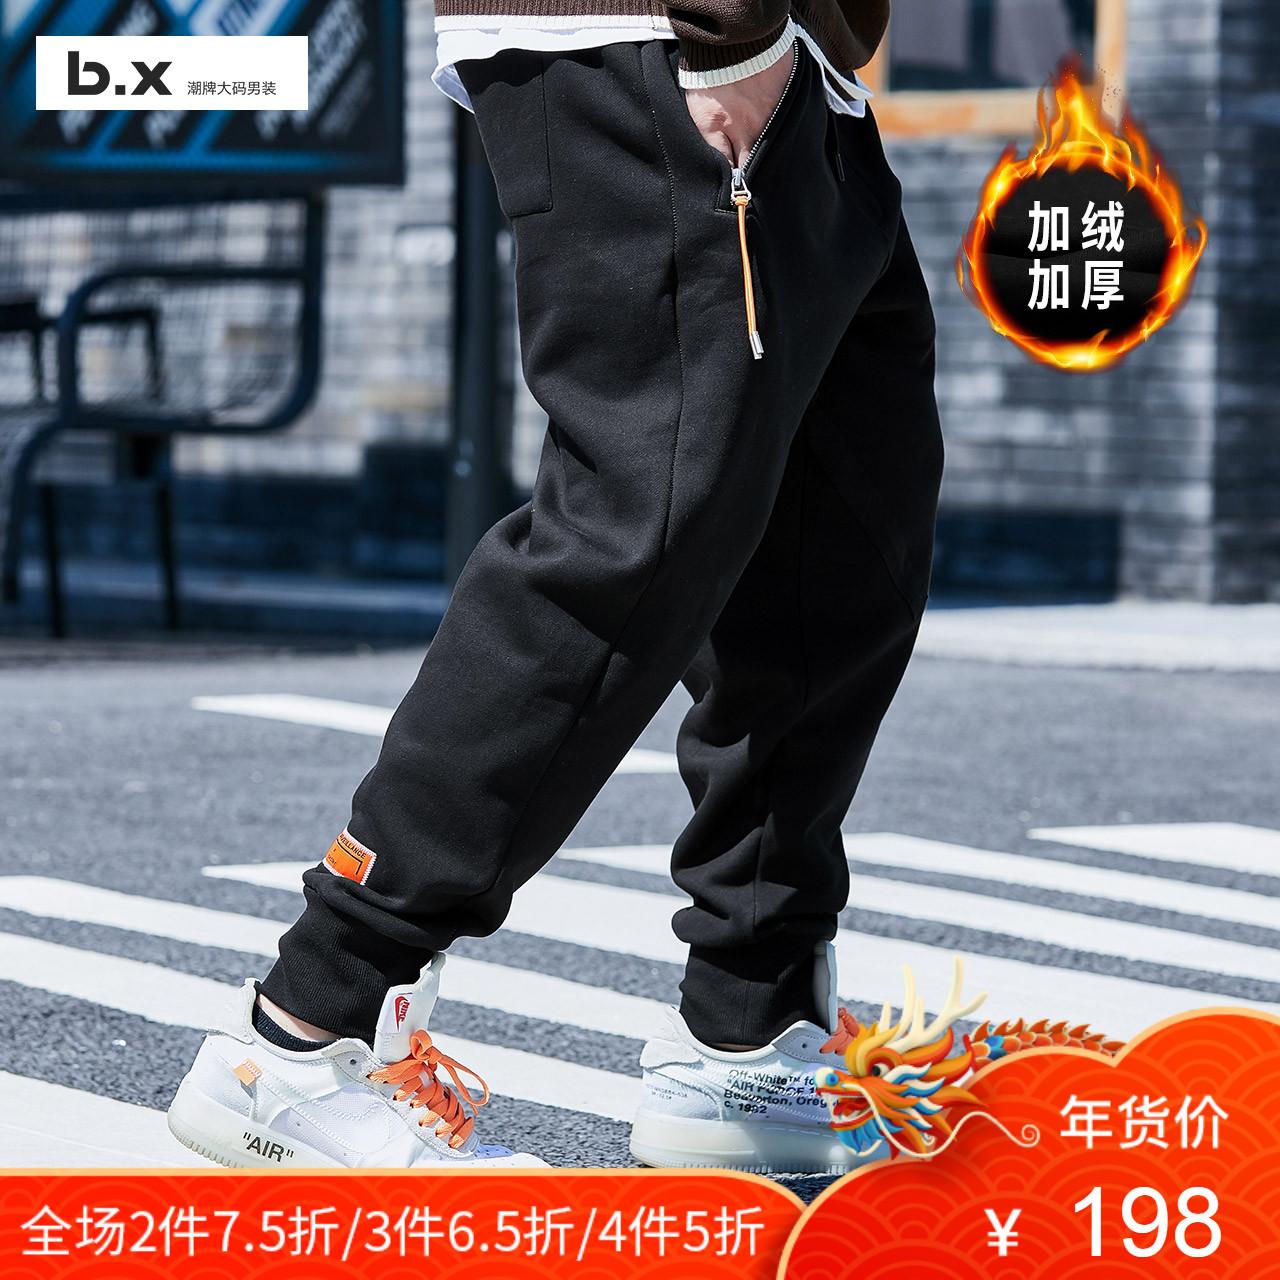 B.X潮牌大码男裤胖子冬季加肥加大束脚休闲裤韩版潮流小脚裤长裤